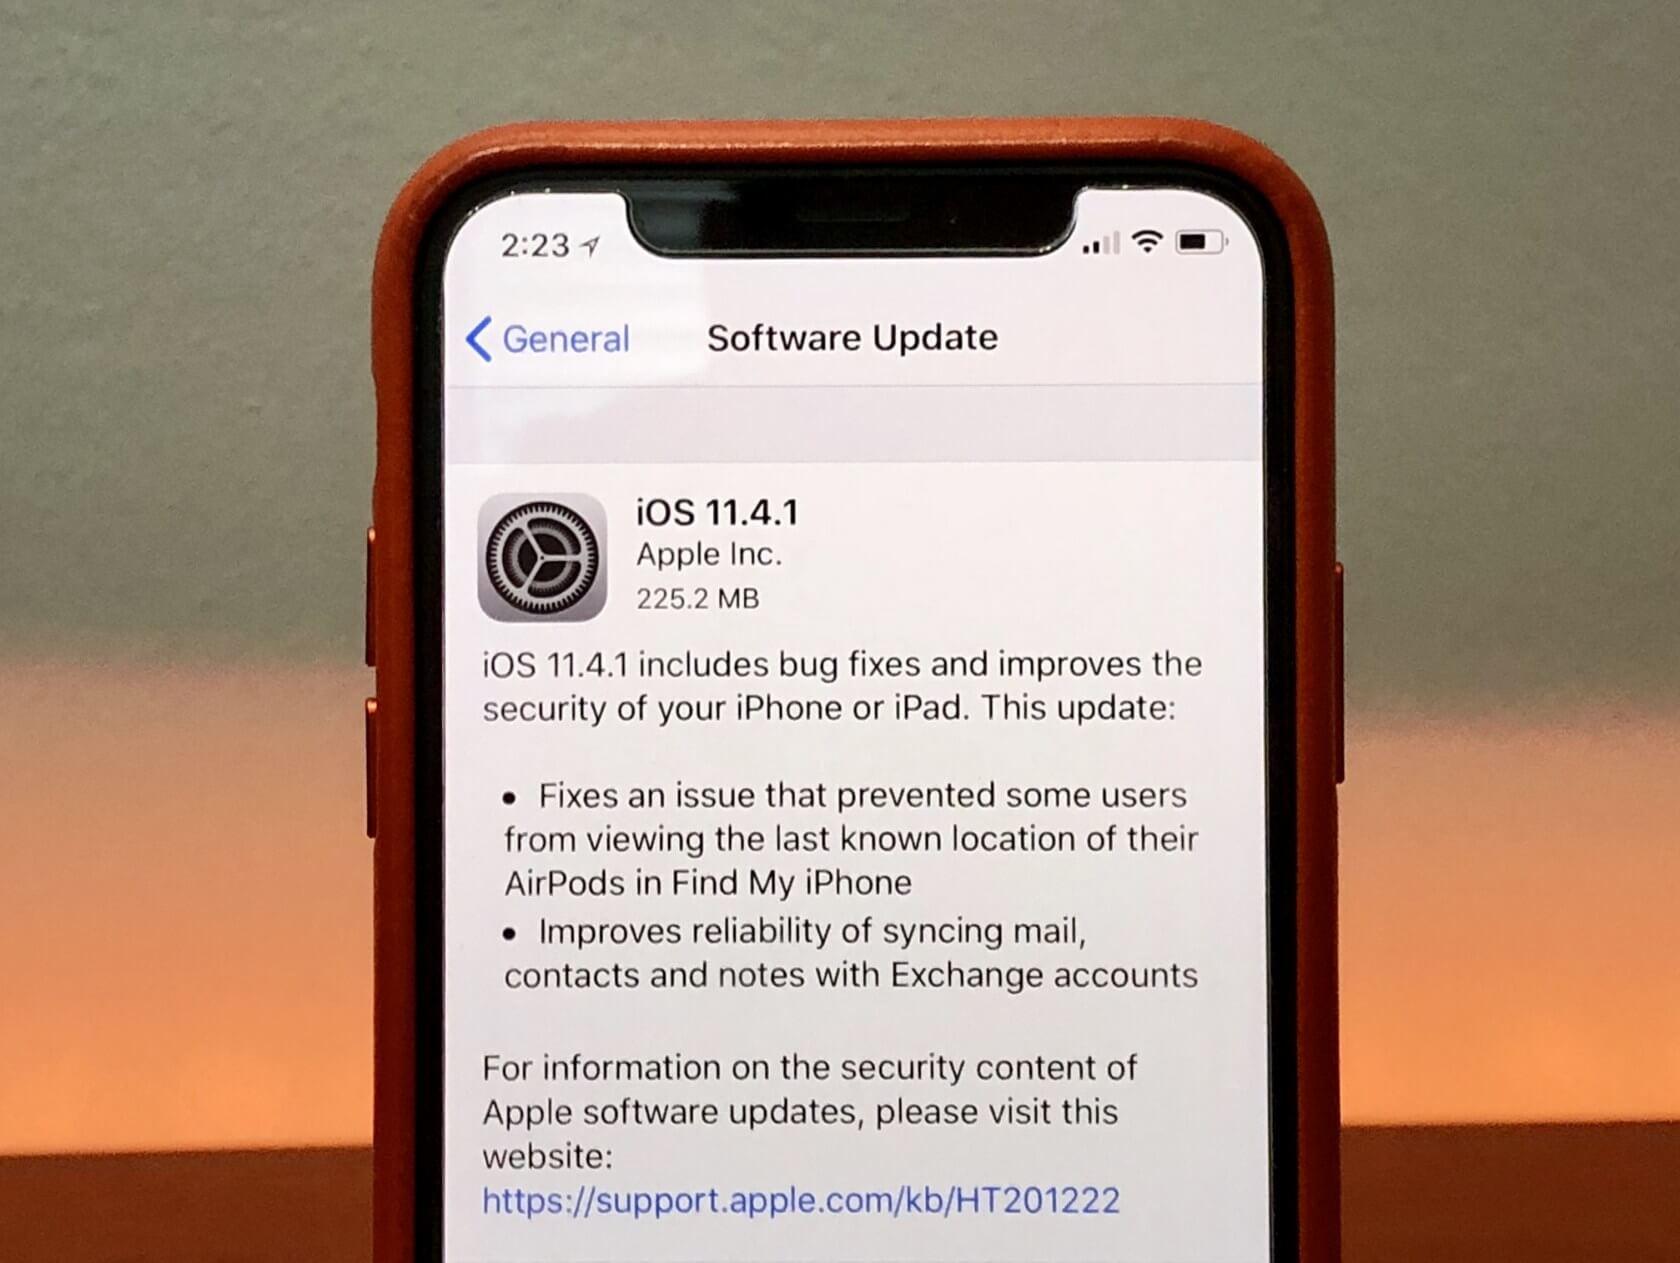 iOS 11.4.1 opět v problémech, nyní uživatelé nemohou aktualizovat aplikace